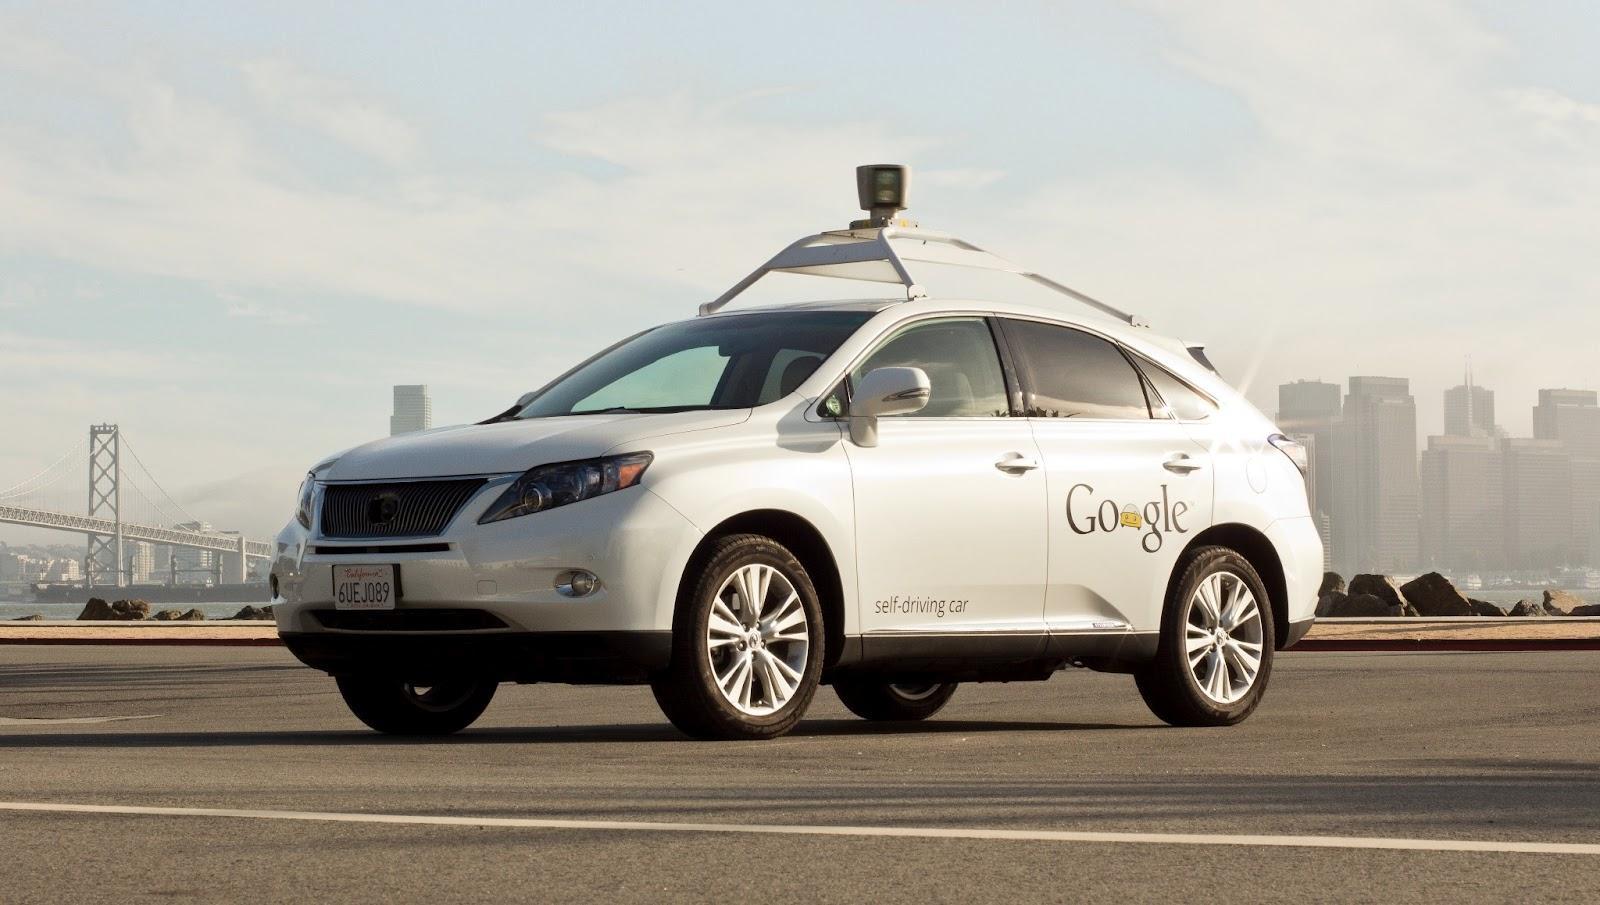 Робомобиль Google прошел испытание в городских условиях